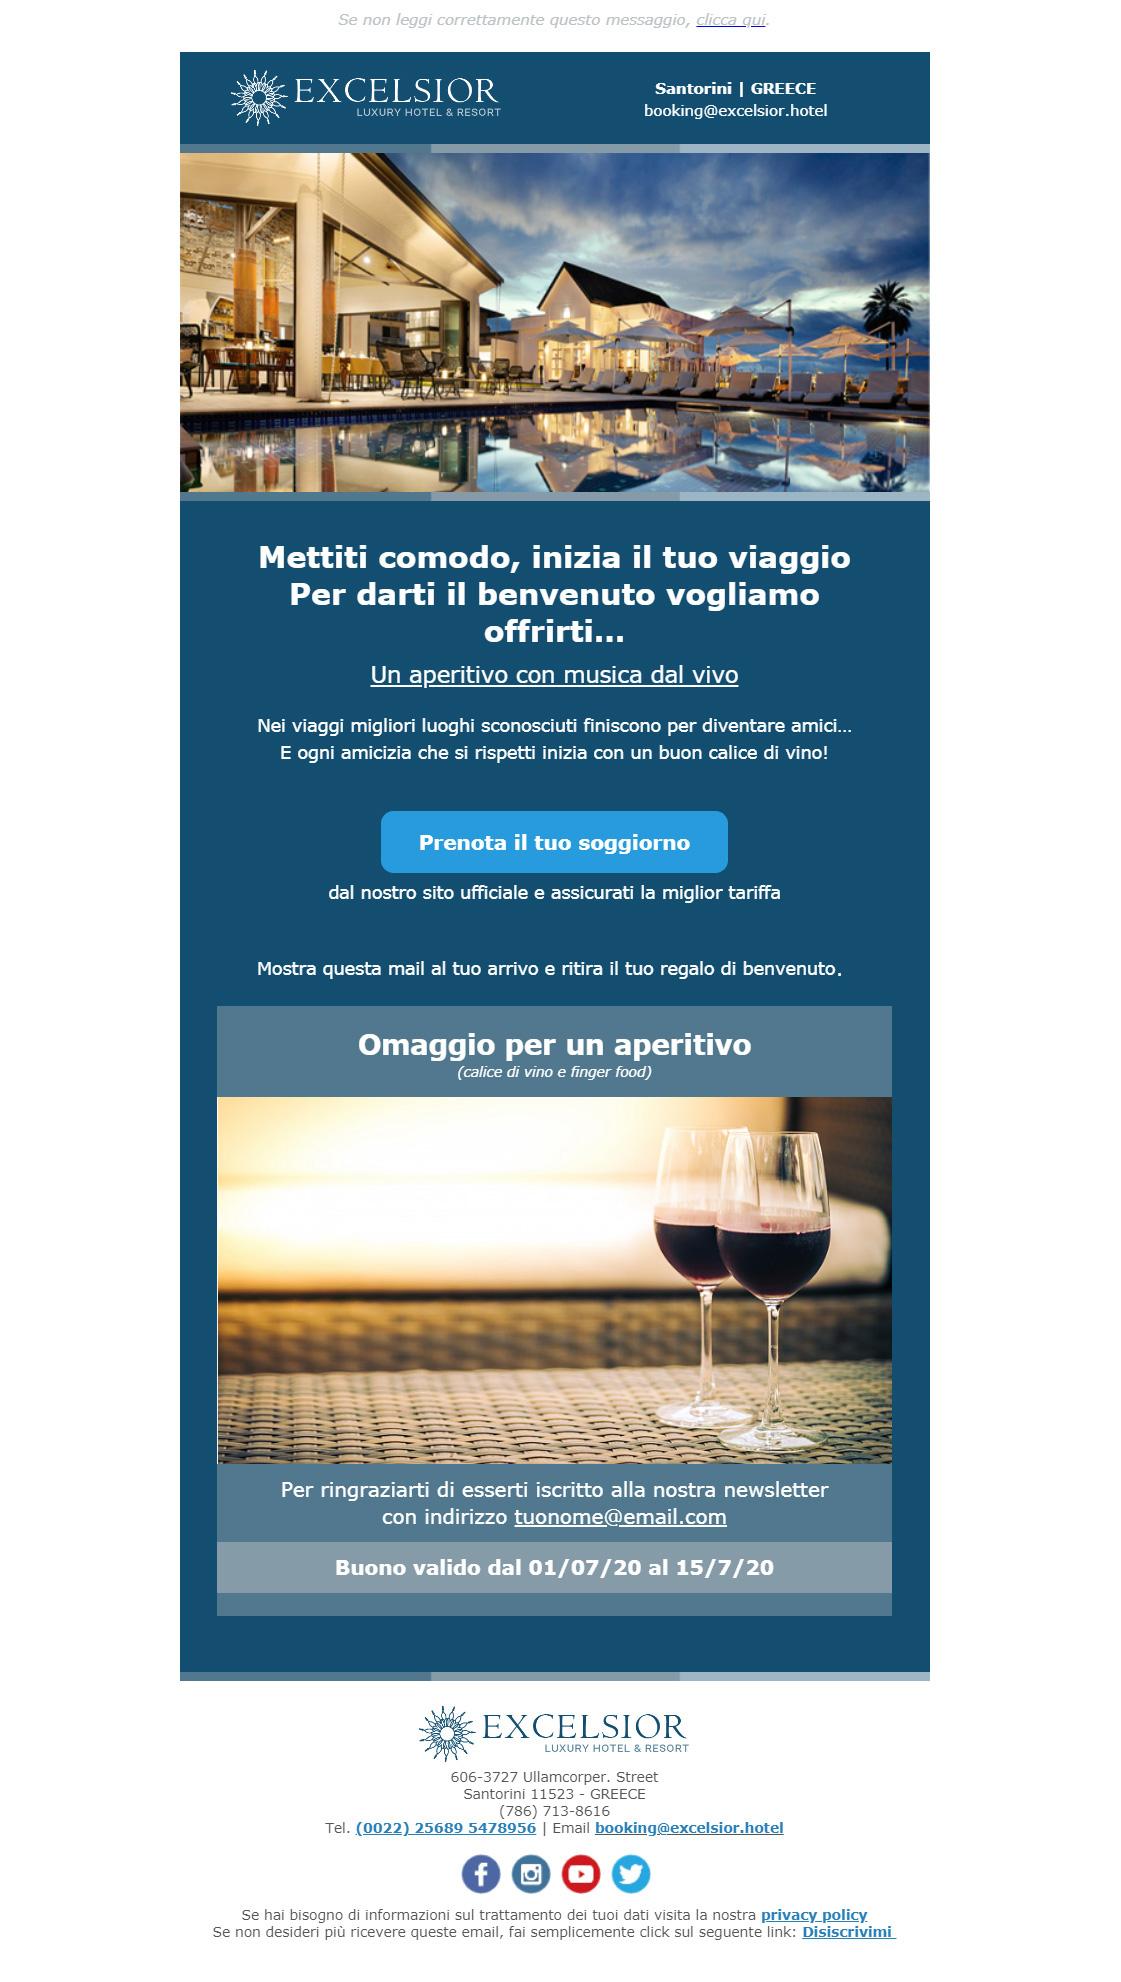 Esempio newsletter hotel: regalo di benvenuto